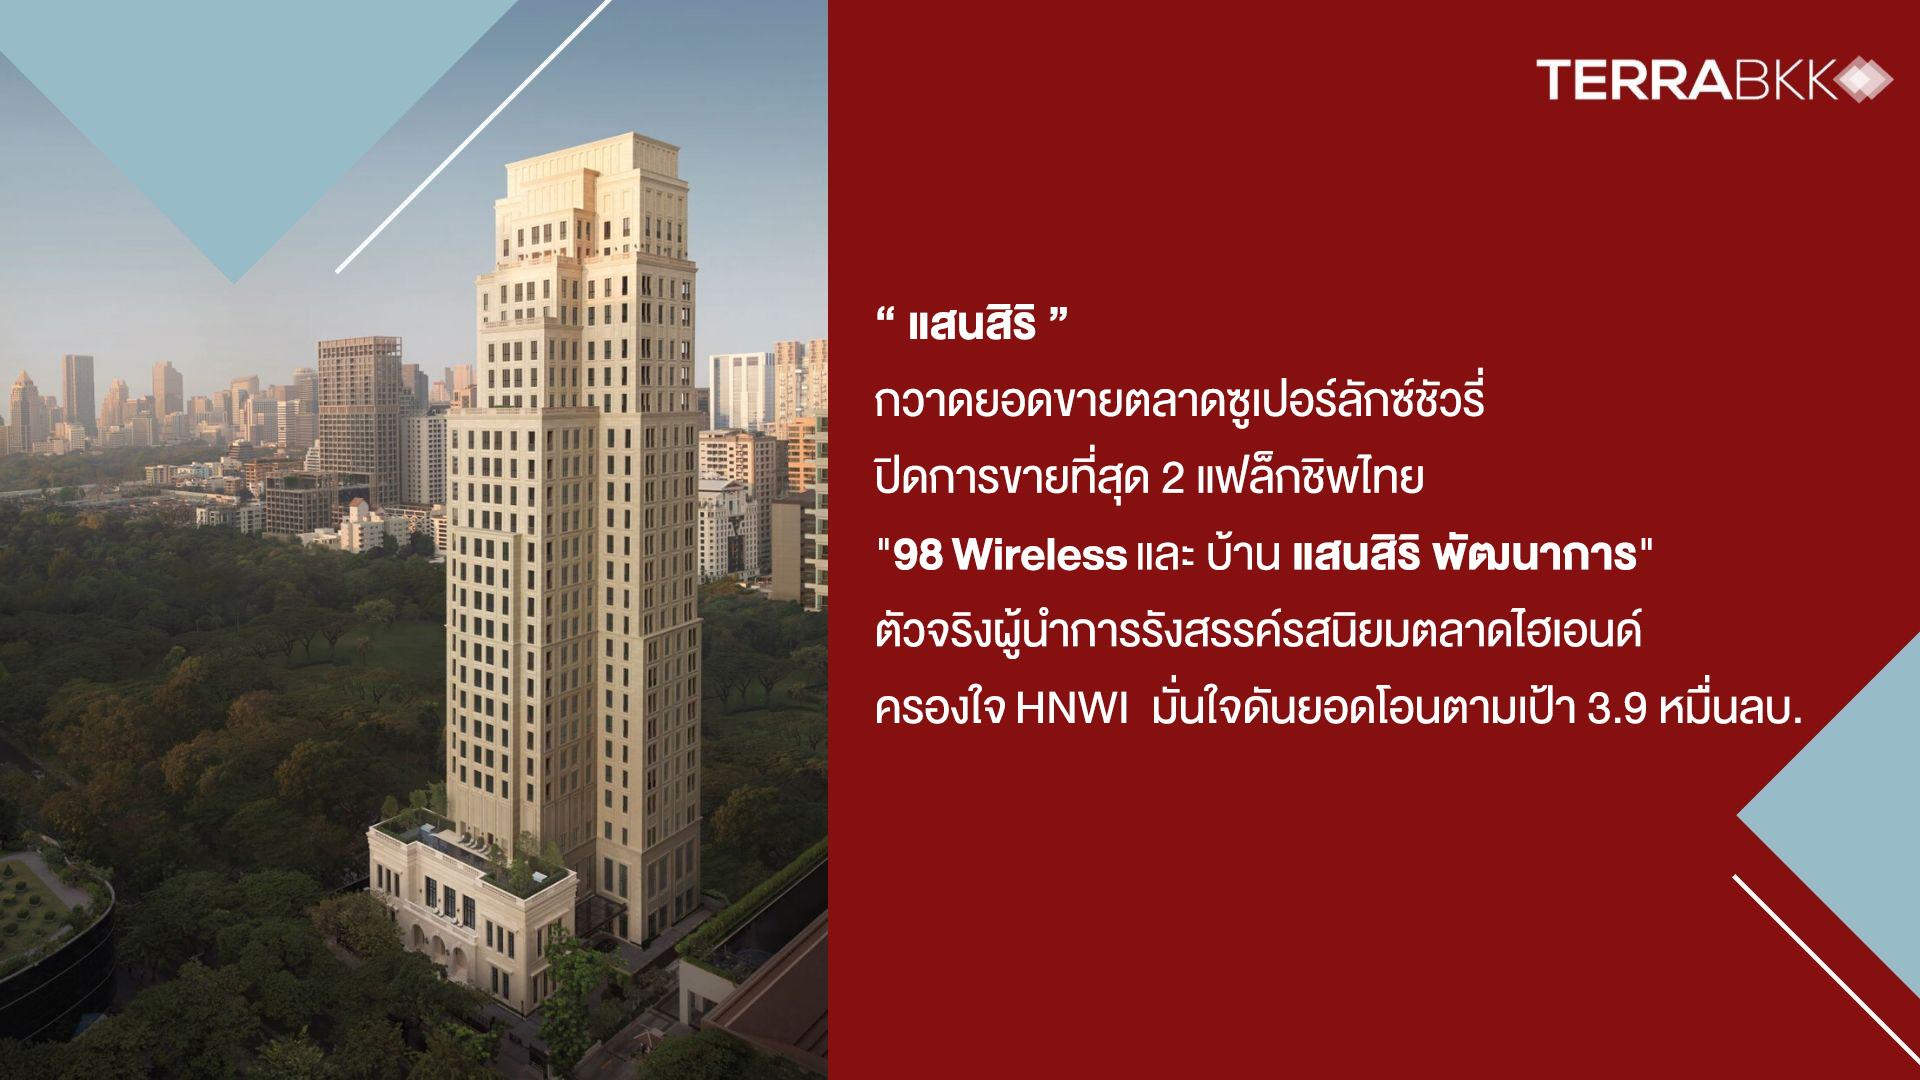 """"""" แสนสิริ """" กวาดยอดขายตลาดซูเปอร์ลักซ์ชัวรี่  ปิดการขายที่สุด 2 แฟล็กชิพไทย"""